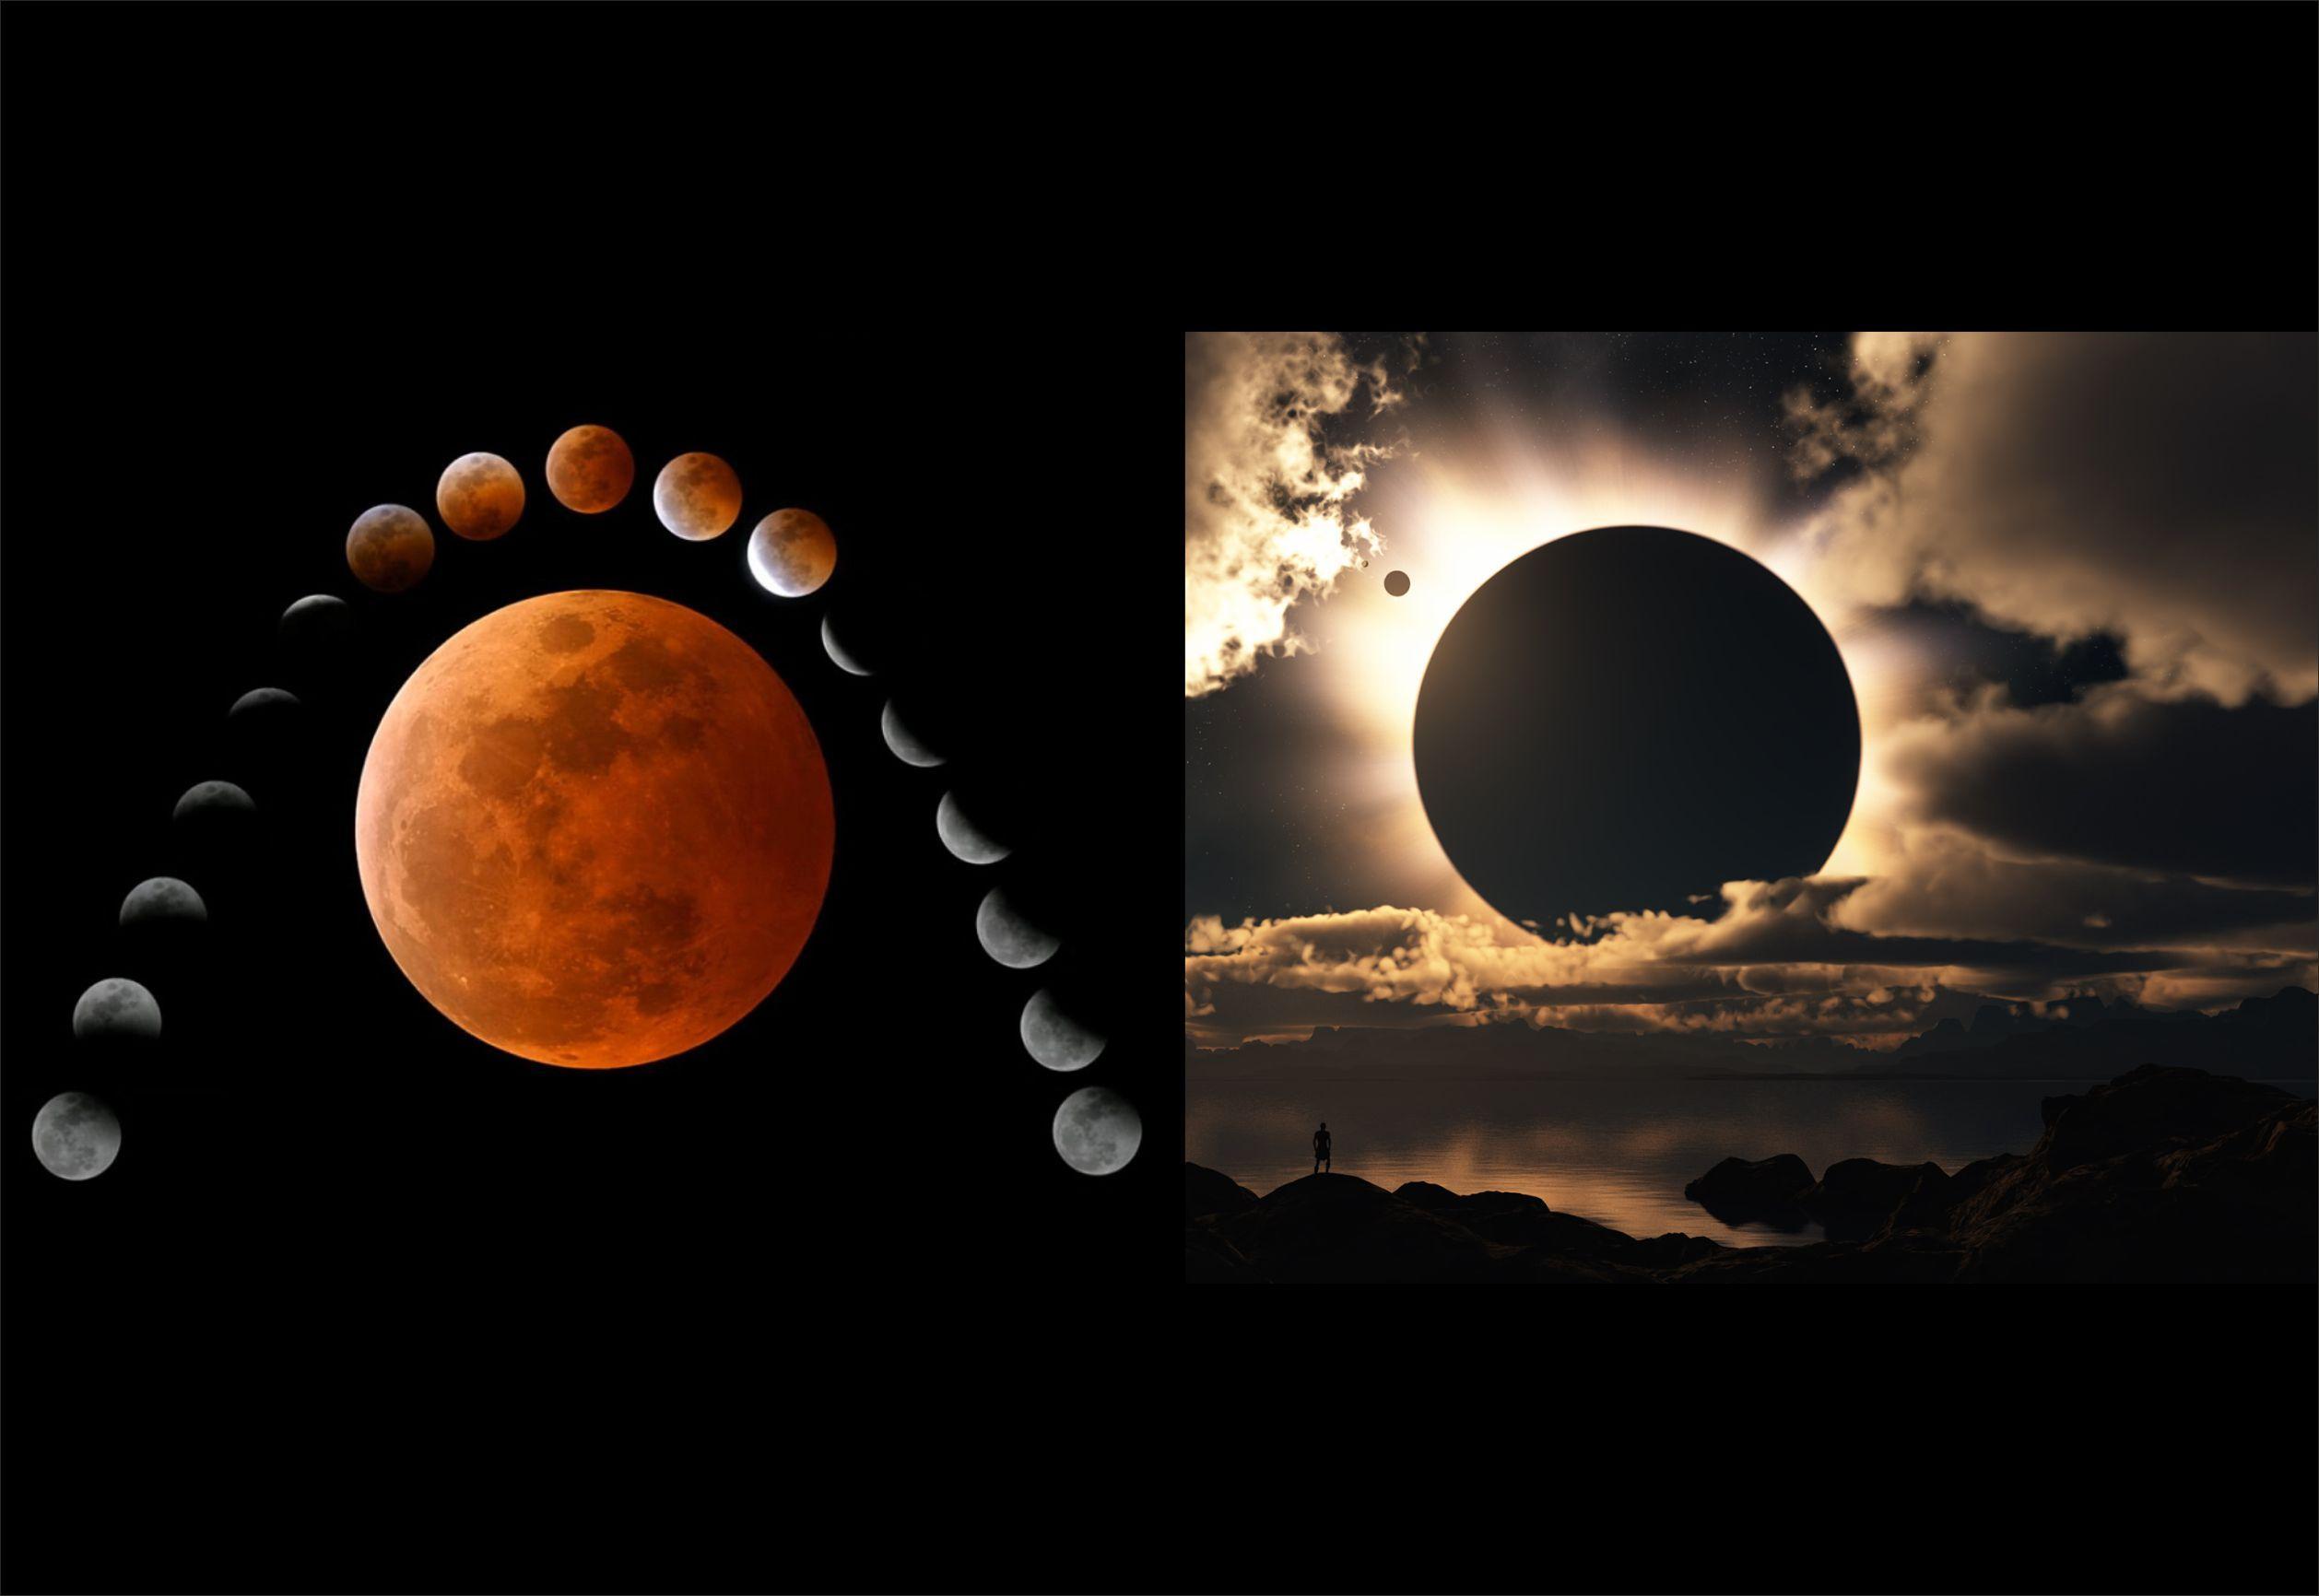 Bu il üçün baş verəcək sonuncu Günəş və Ay tutulmalarının vaxtları məlum olub